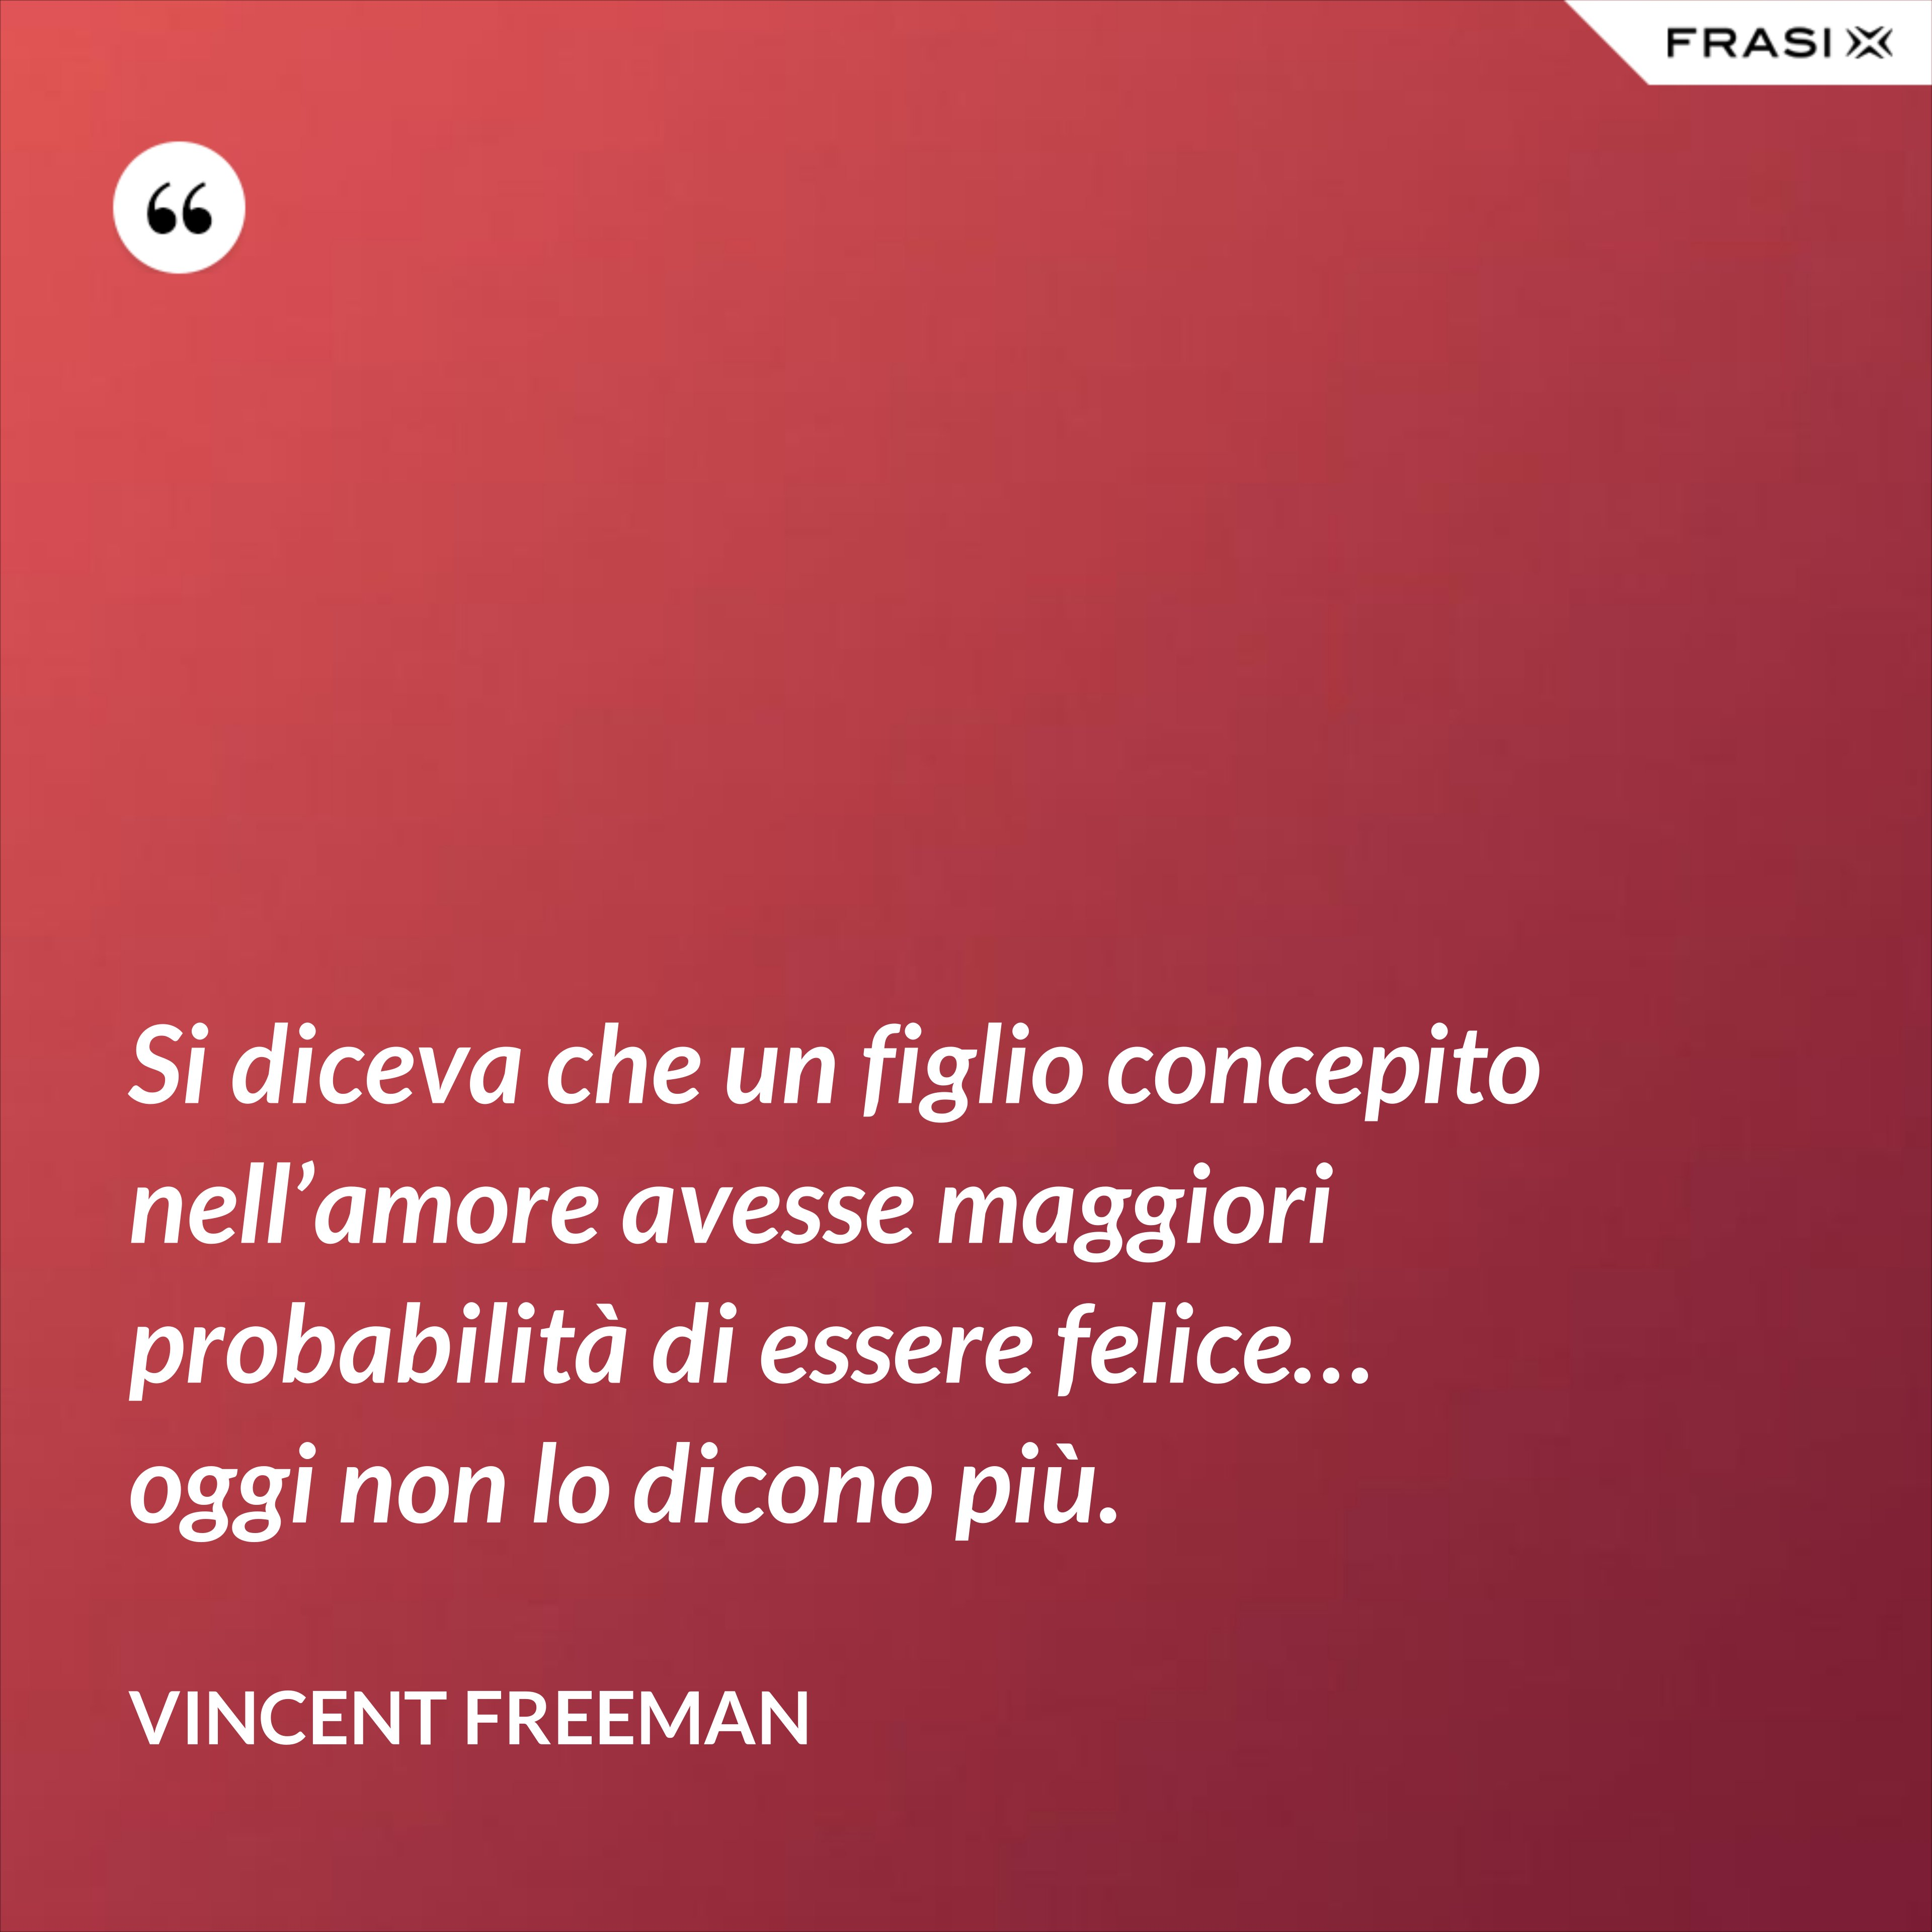 Si diceva che un figlio concepito nell'amore avesse maggiori probabilità di essere felice… oggi non lo dicono più. - Vincent Freeman